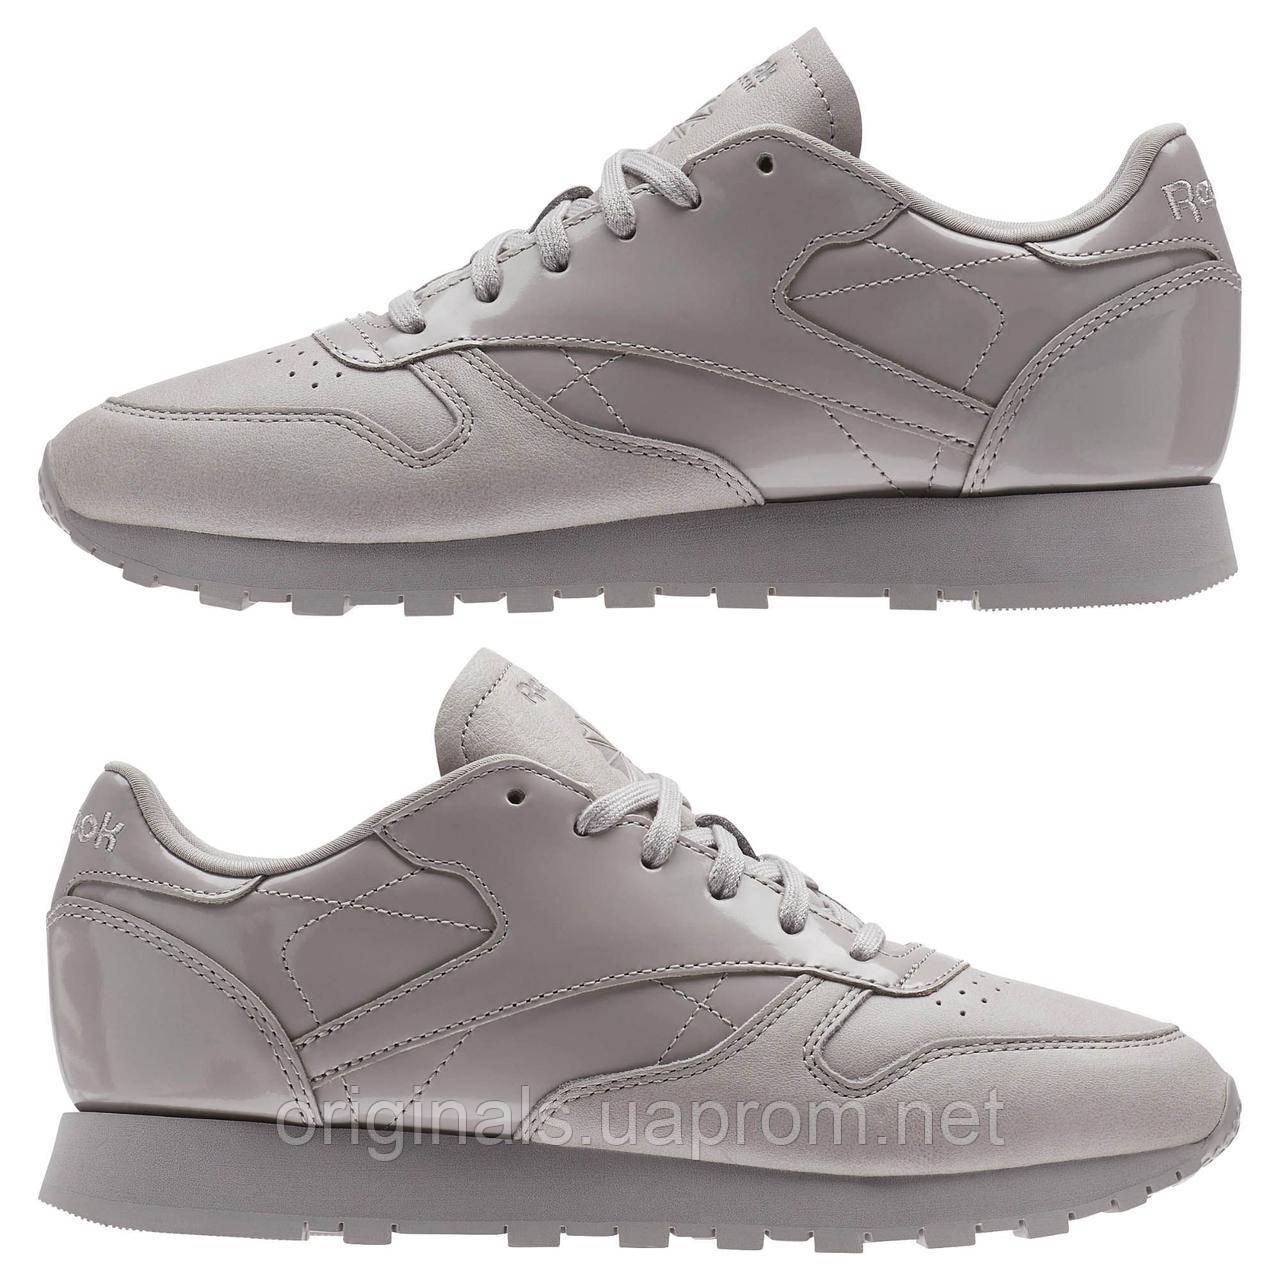 Купить Кроссовки женские Reebok Classic Leather IL BS6585 a03149327ba